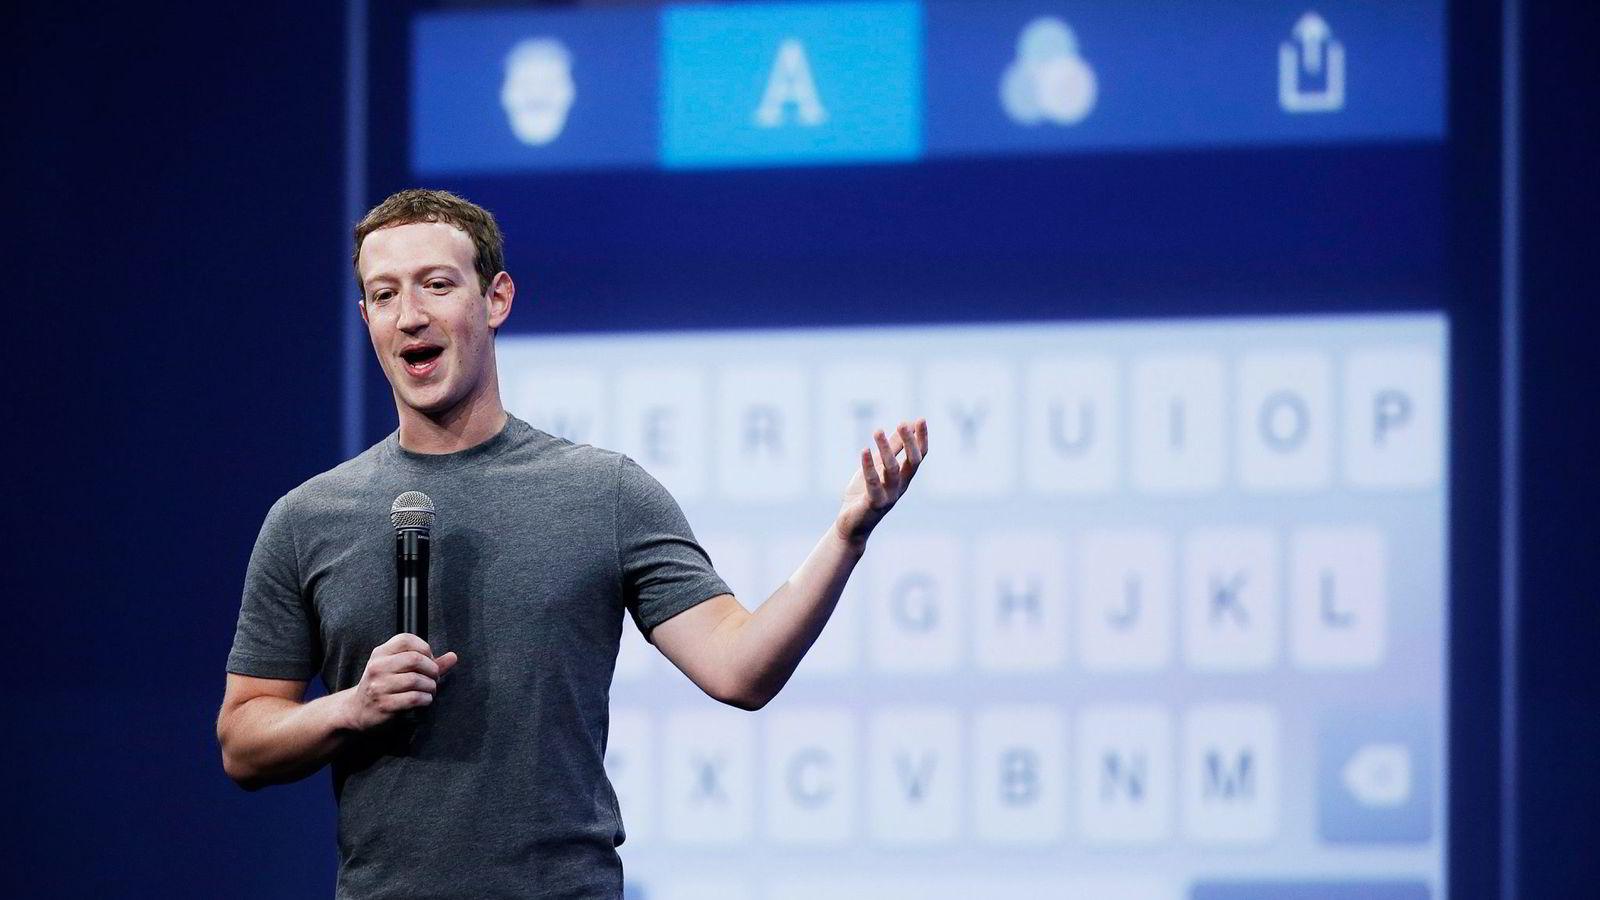 Hvordan få jobb hos Mark Zuckerbergs (bildet) Facebook? Vær hyggelig, tipser rekrutteringssjef Edel Murray ved selskapets internasjonale hovedkontor i Dublin. Foto: Eric Risberg, AP/NTB Scanpix